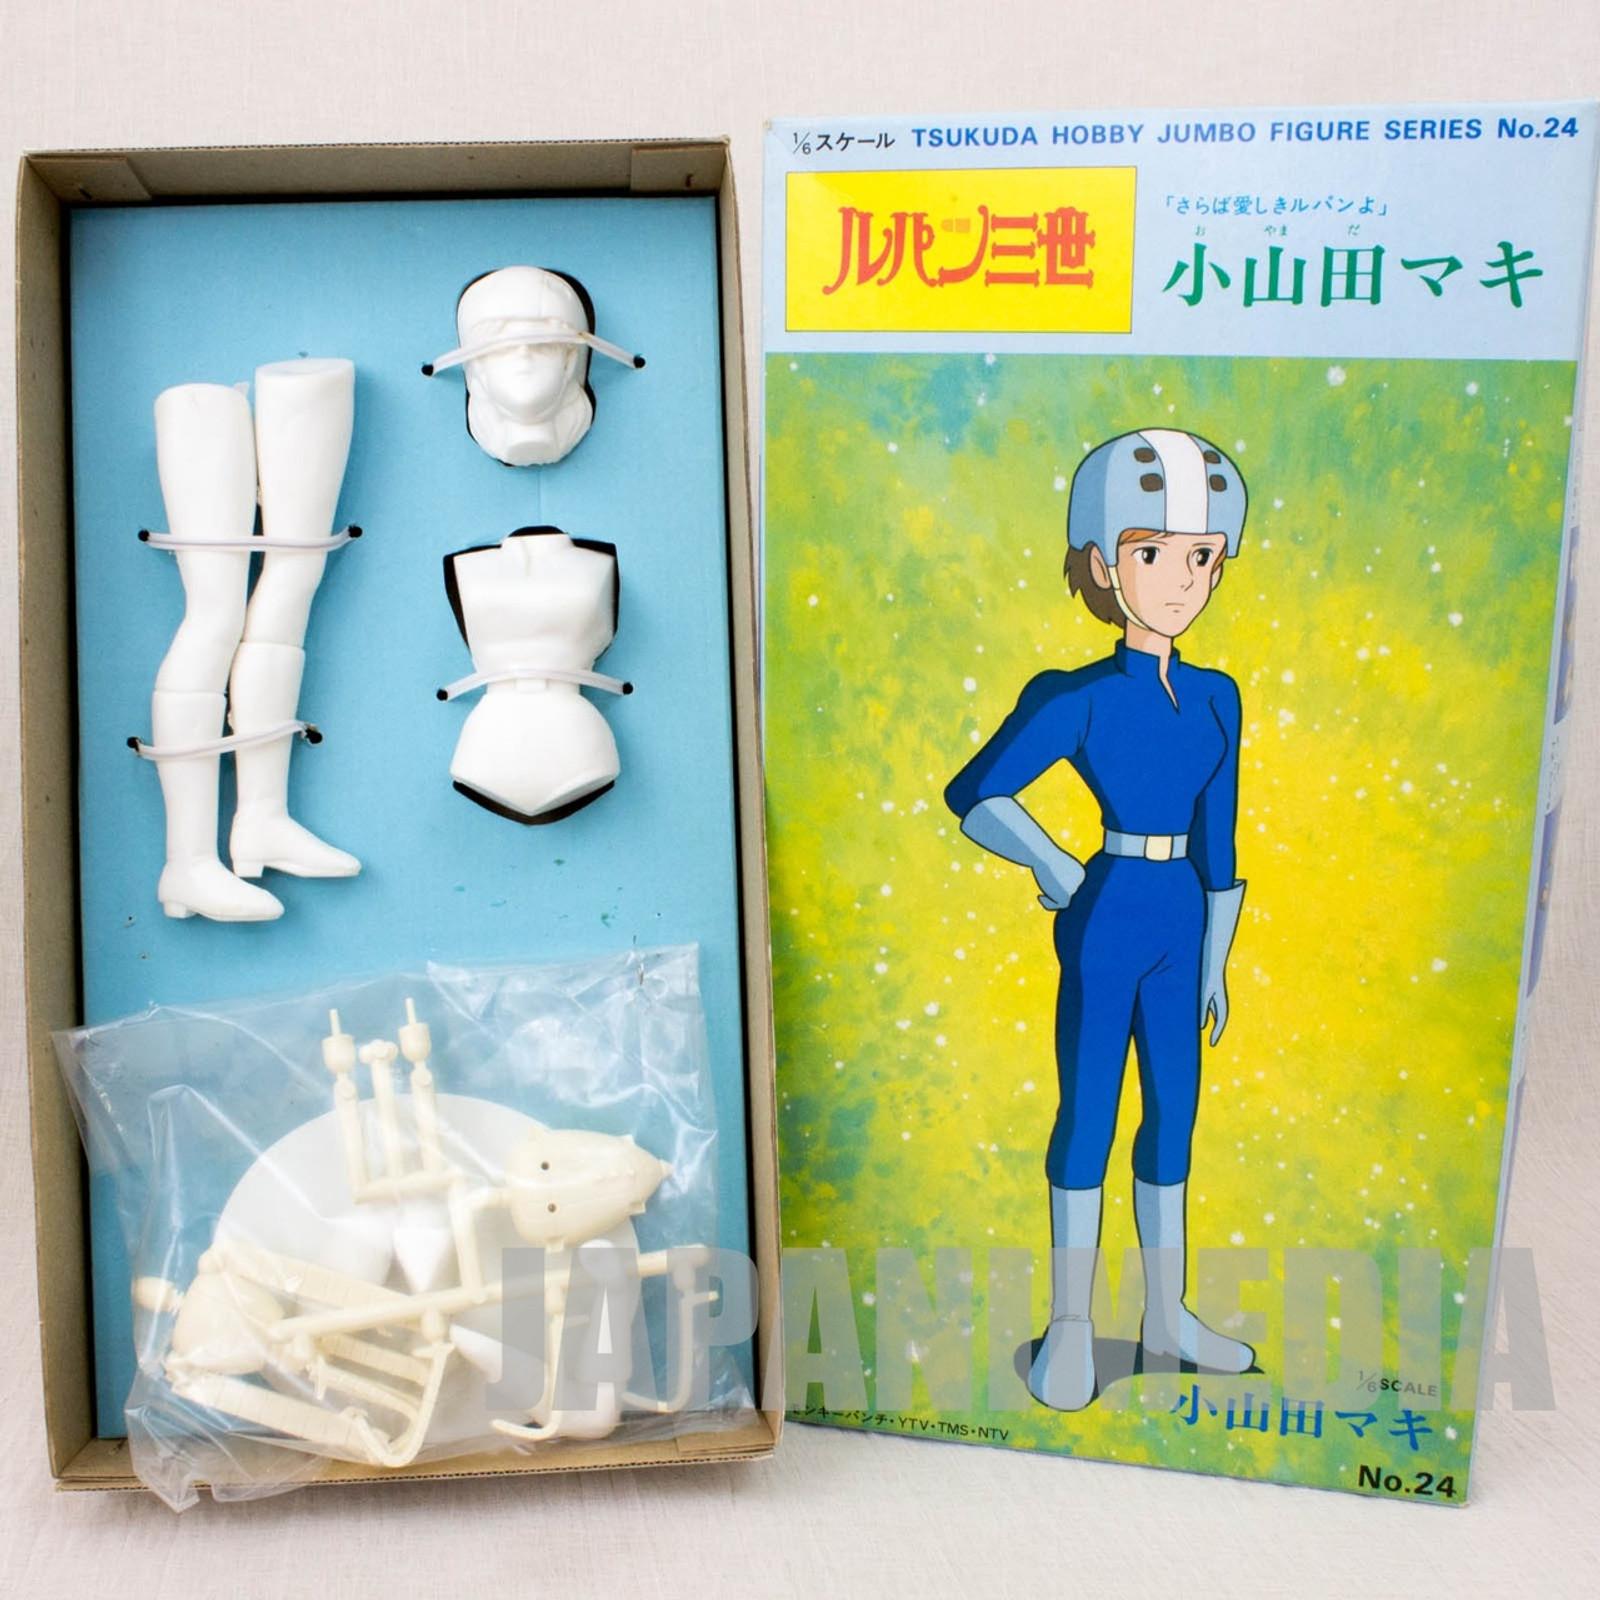 Lupin the 3rd Maki Oyamada Tsukuda Hobby 1/6 Model Kit JAPAN ANIME FIGURE